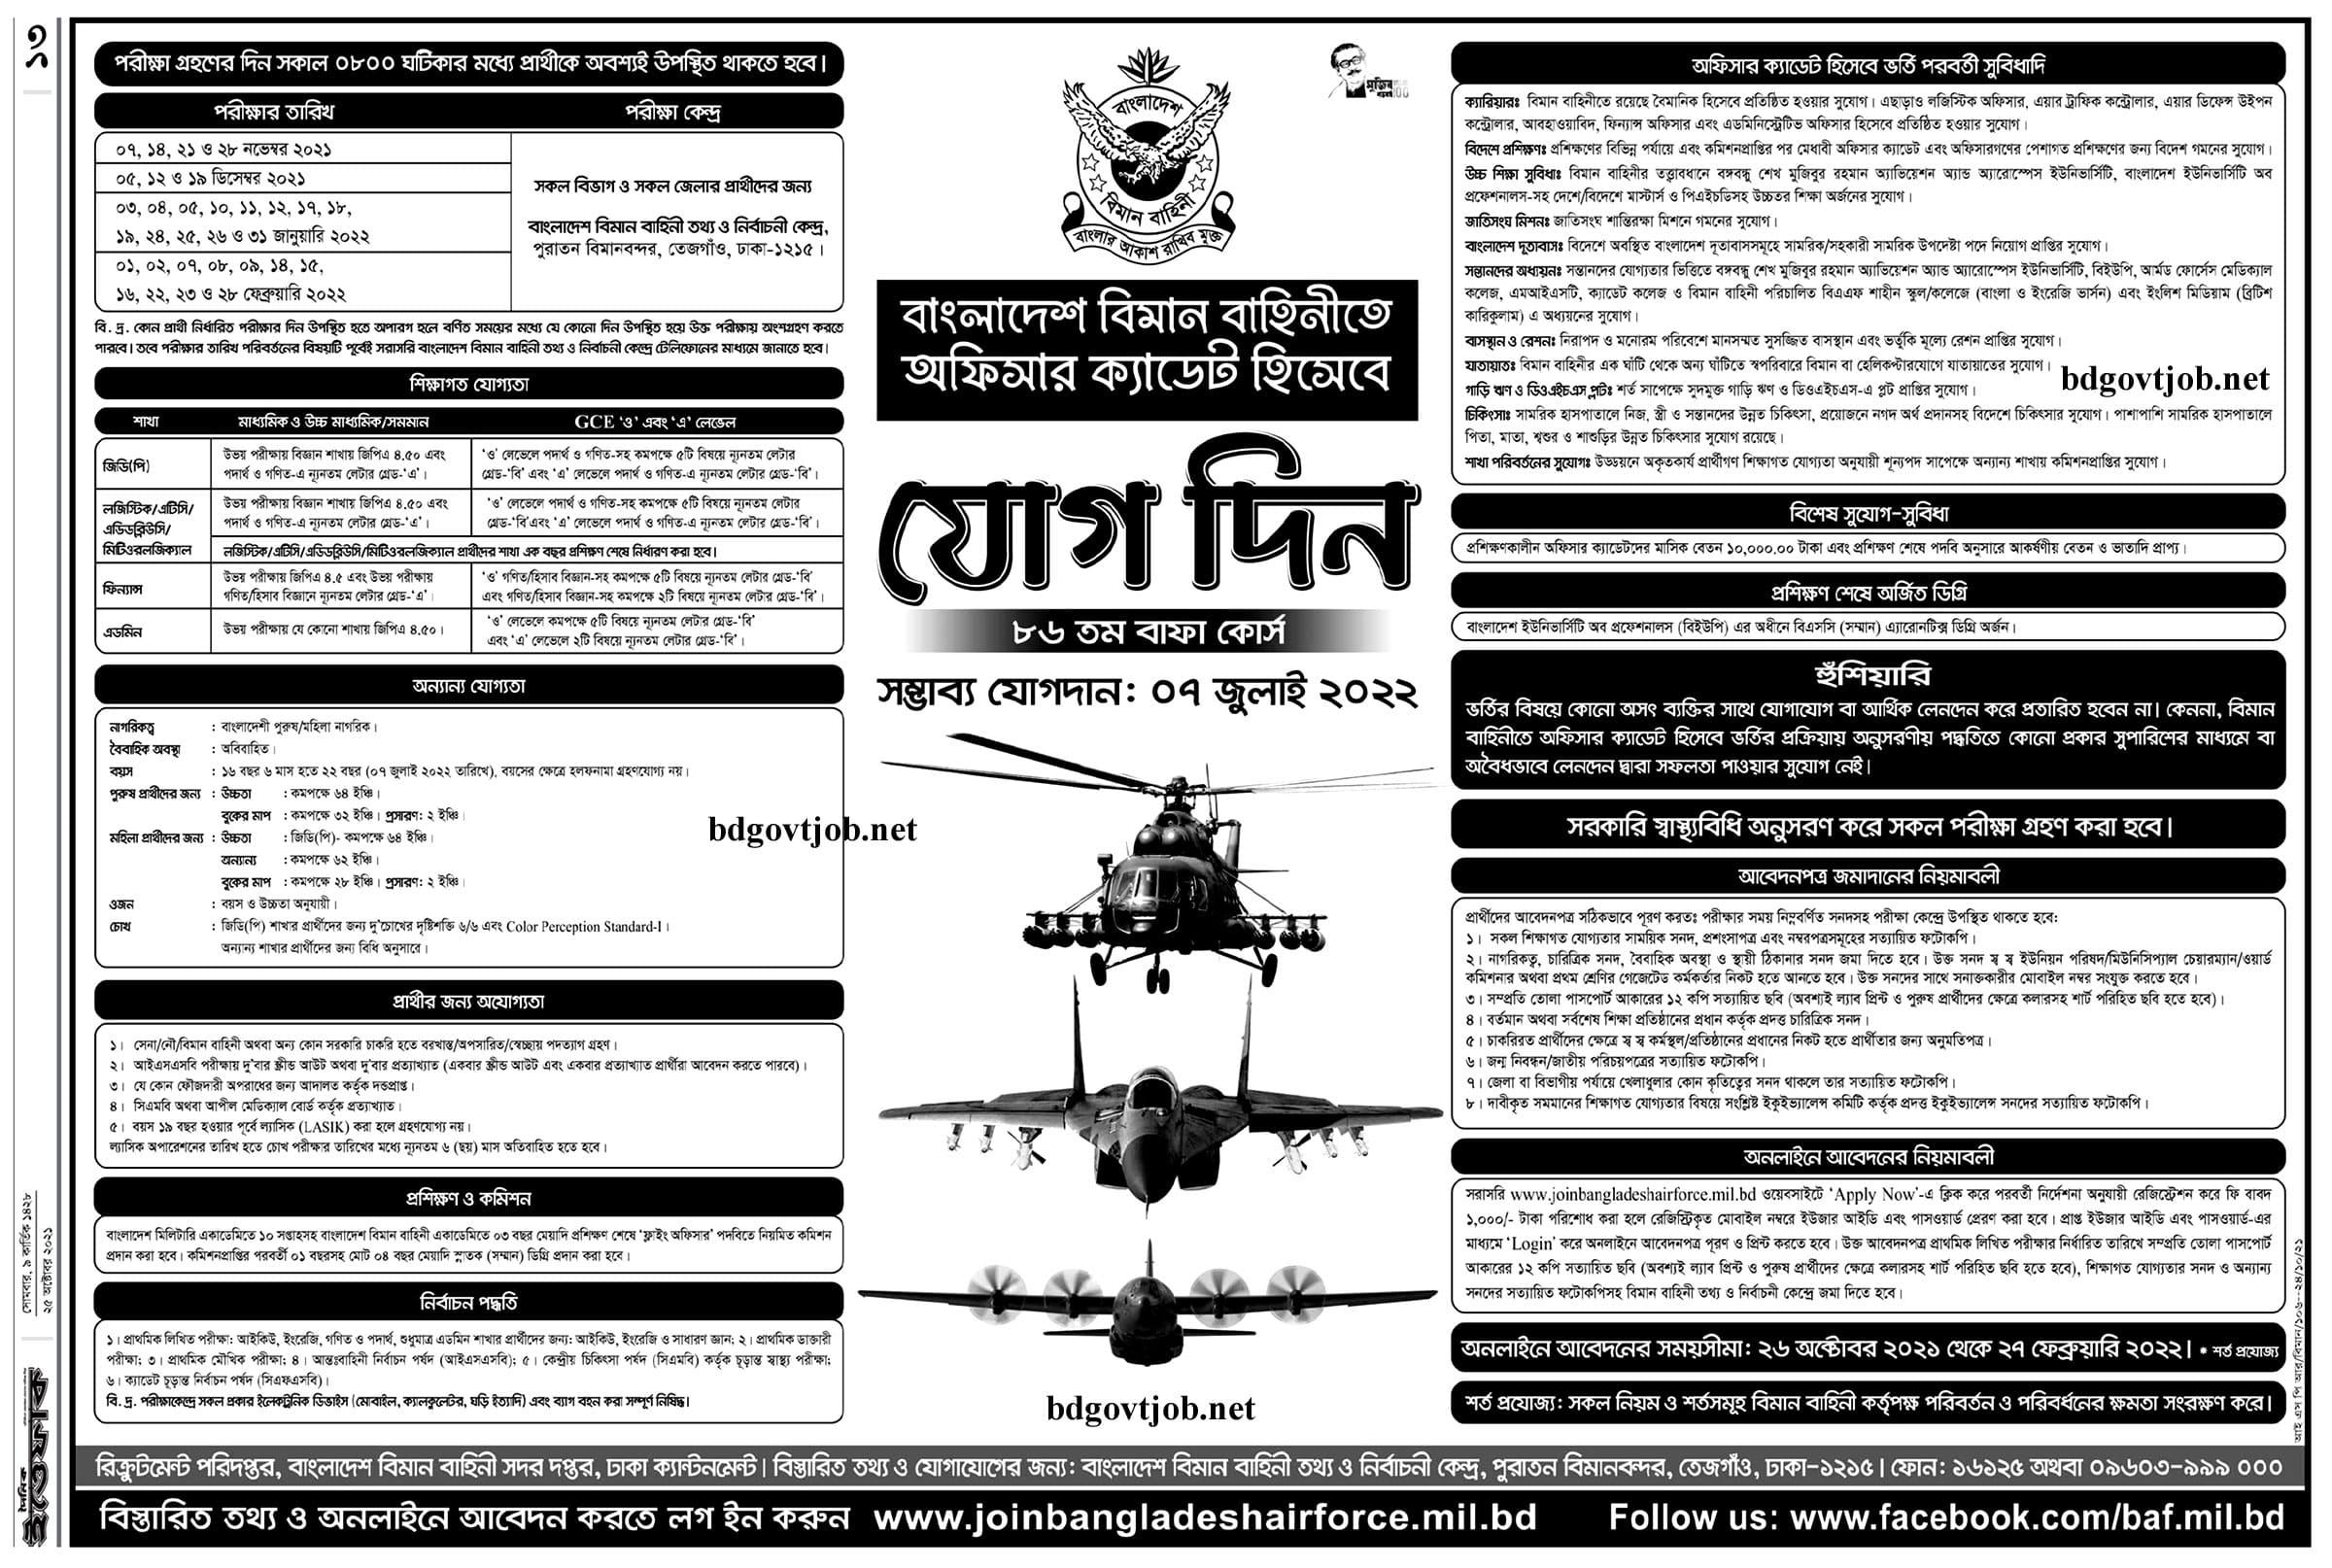 Bangladesh Air Force Officer Cadet 86 BAFA Job Circular 2021